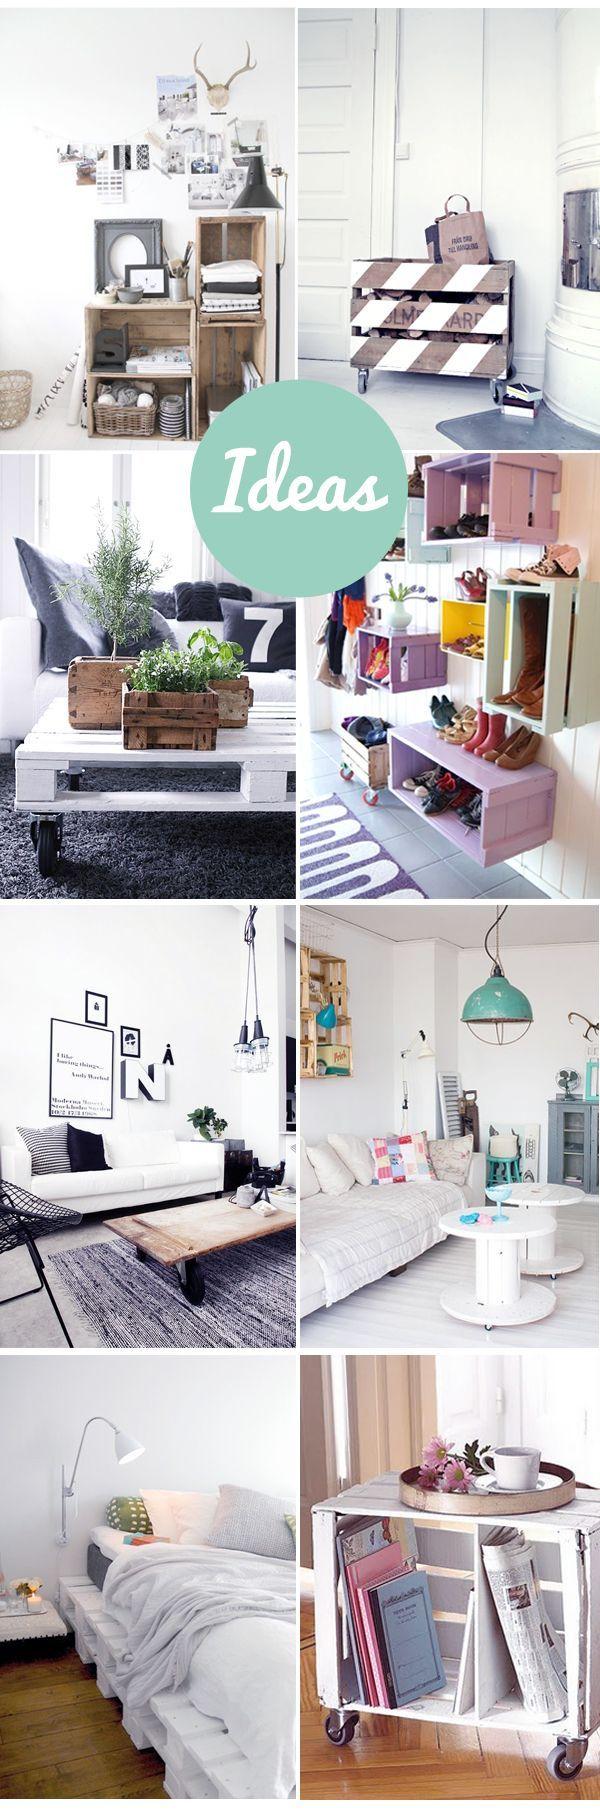 Muebles reciclados con cajas y palets de madera. Qué lindo, algunos de estos quedan perfecto en la oficina.